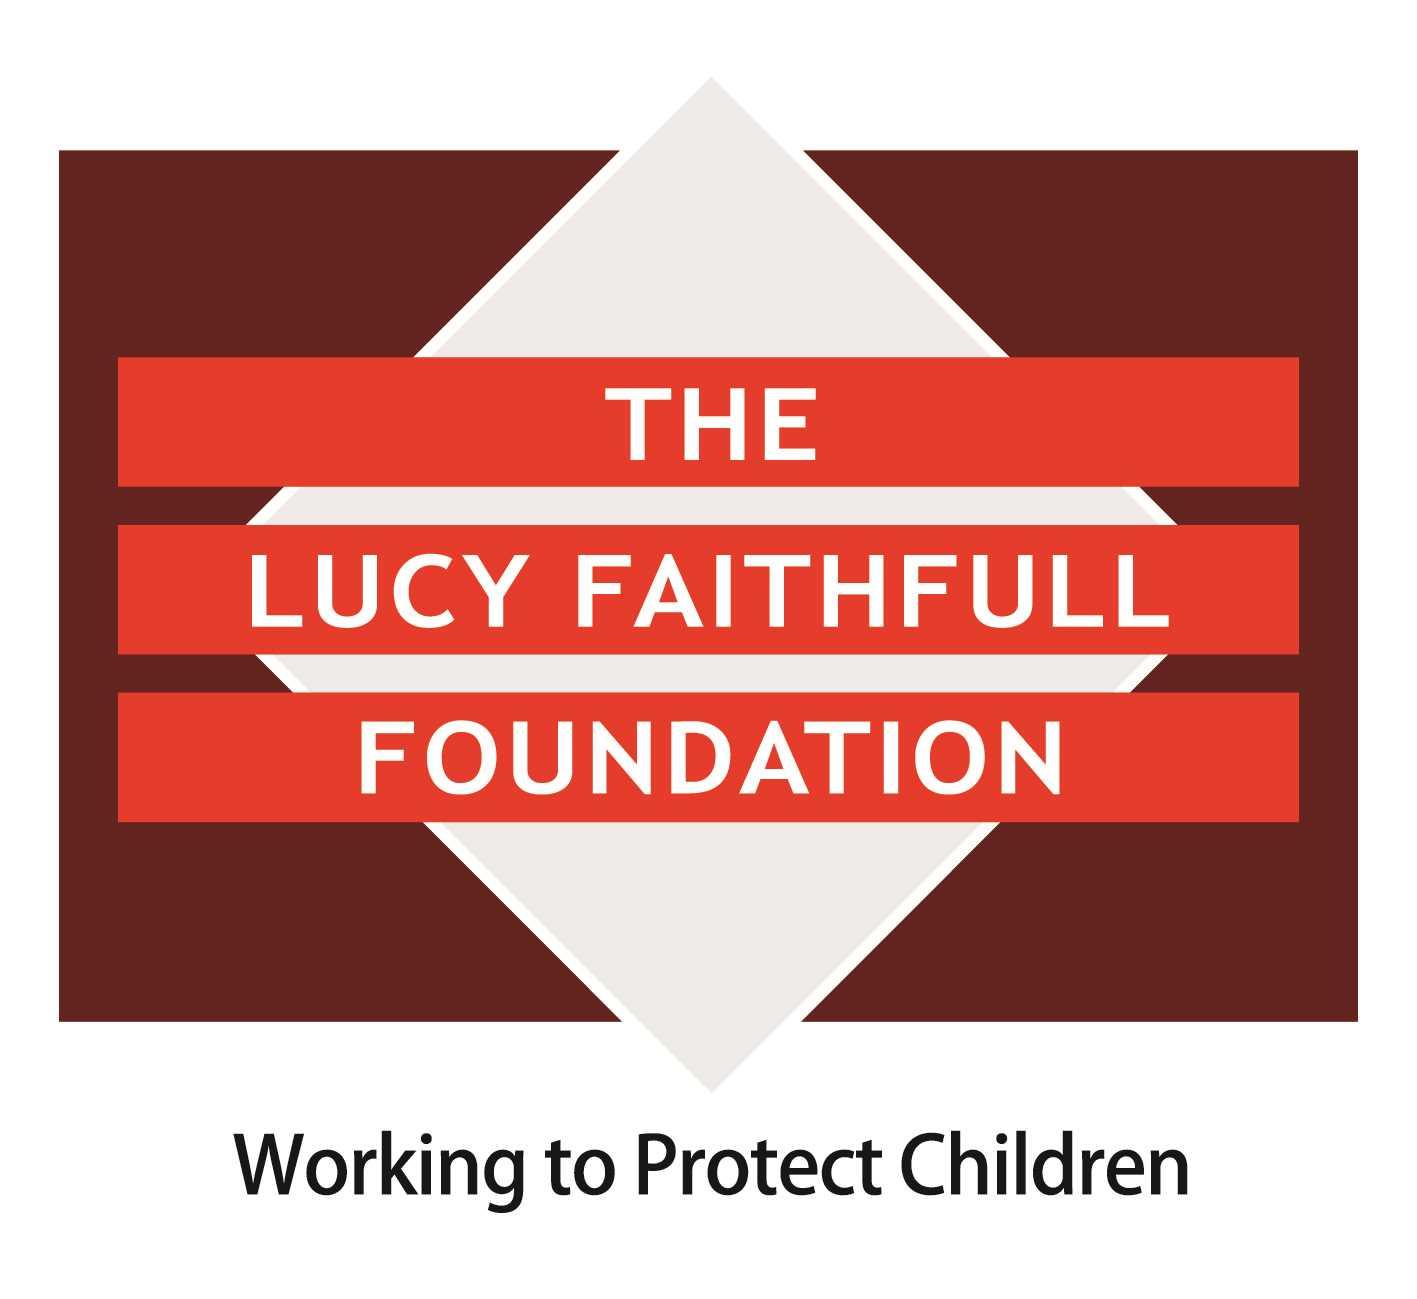 Lucy Faithful Foundation Charity Logo